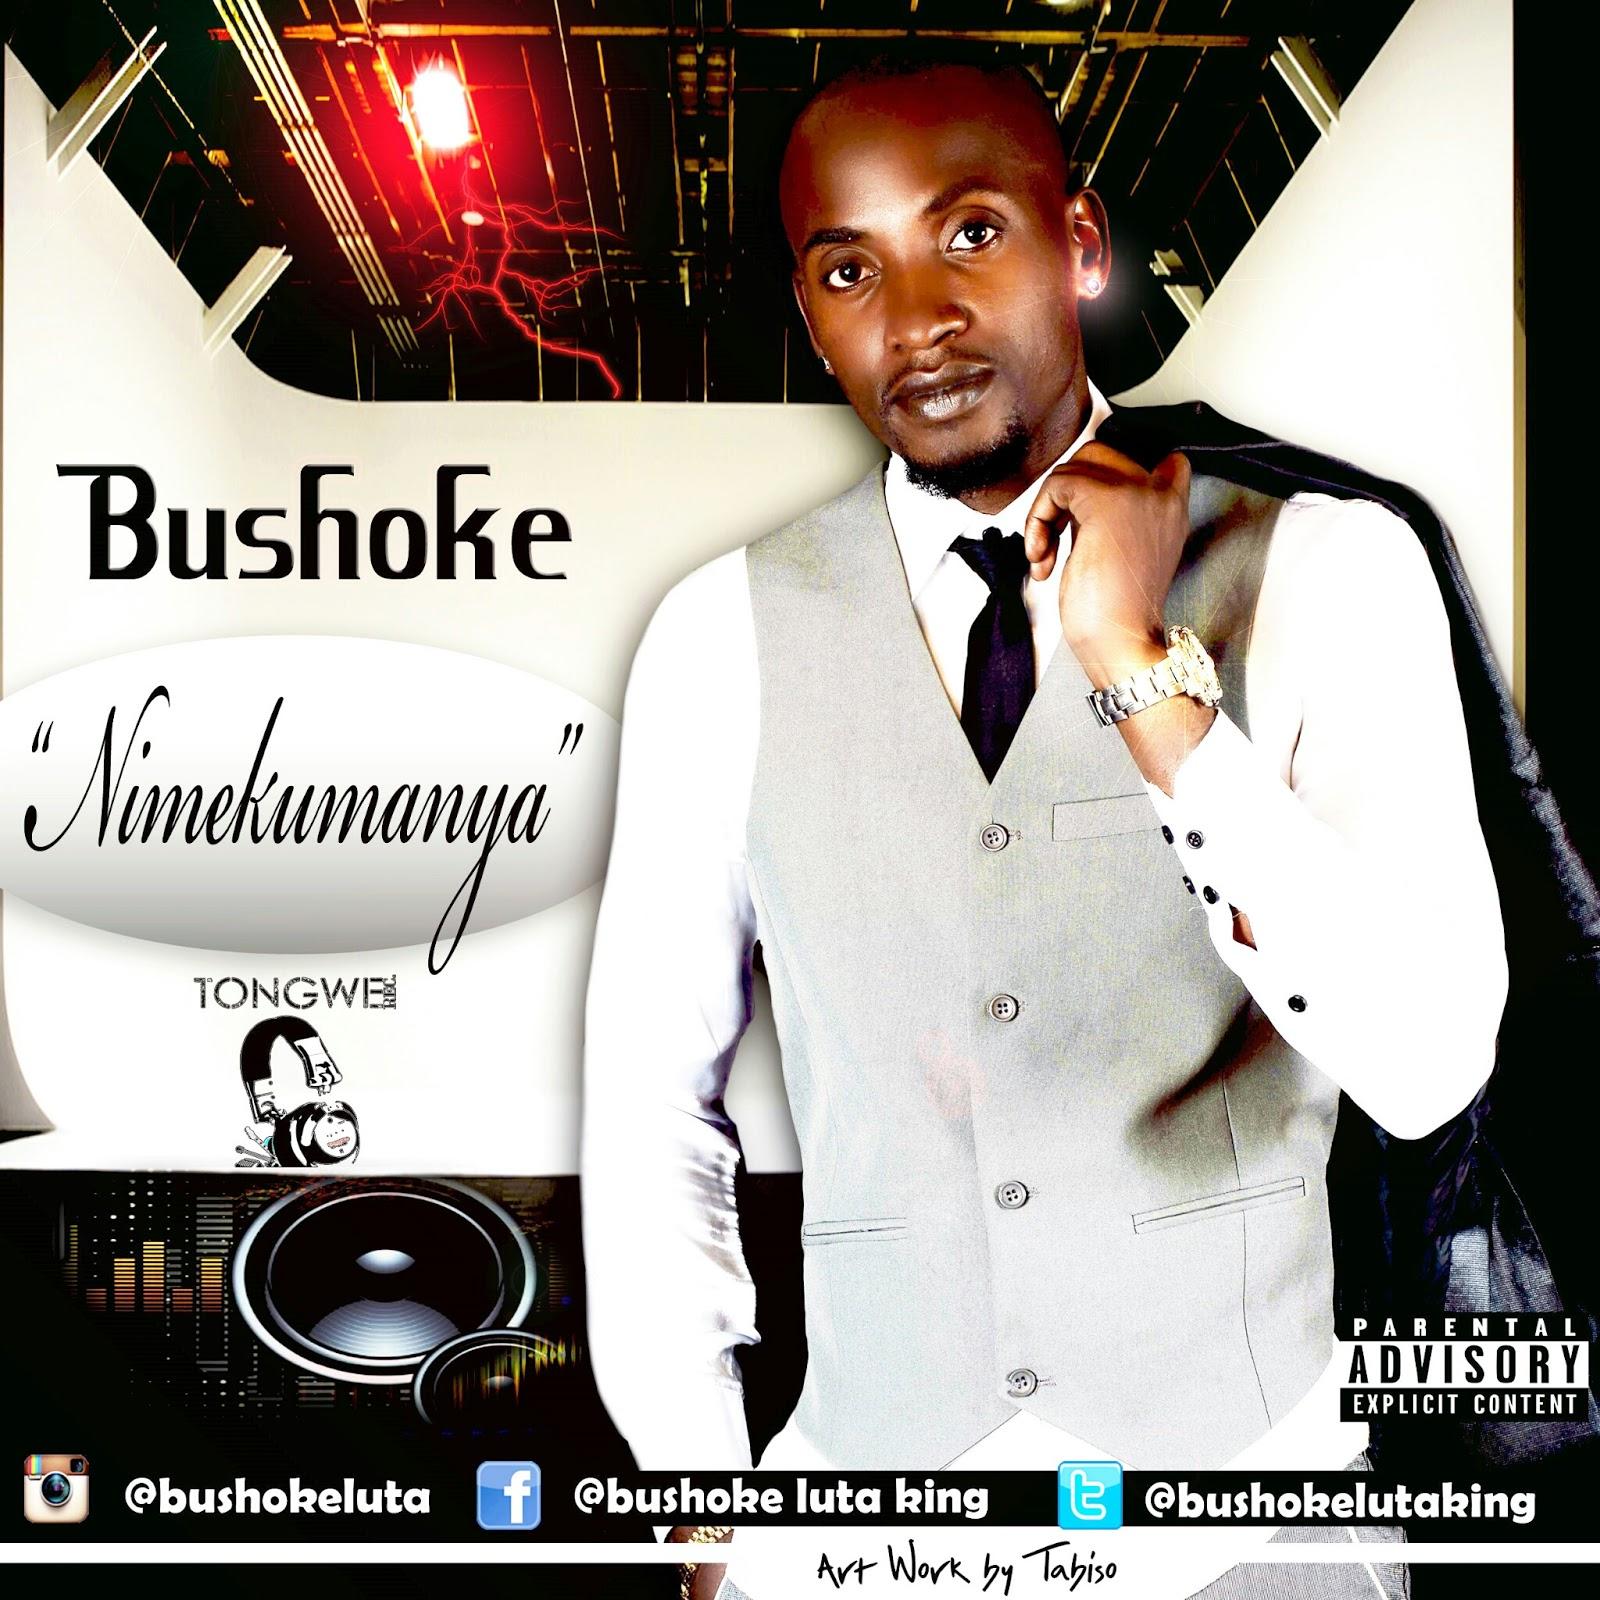 Bushoke